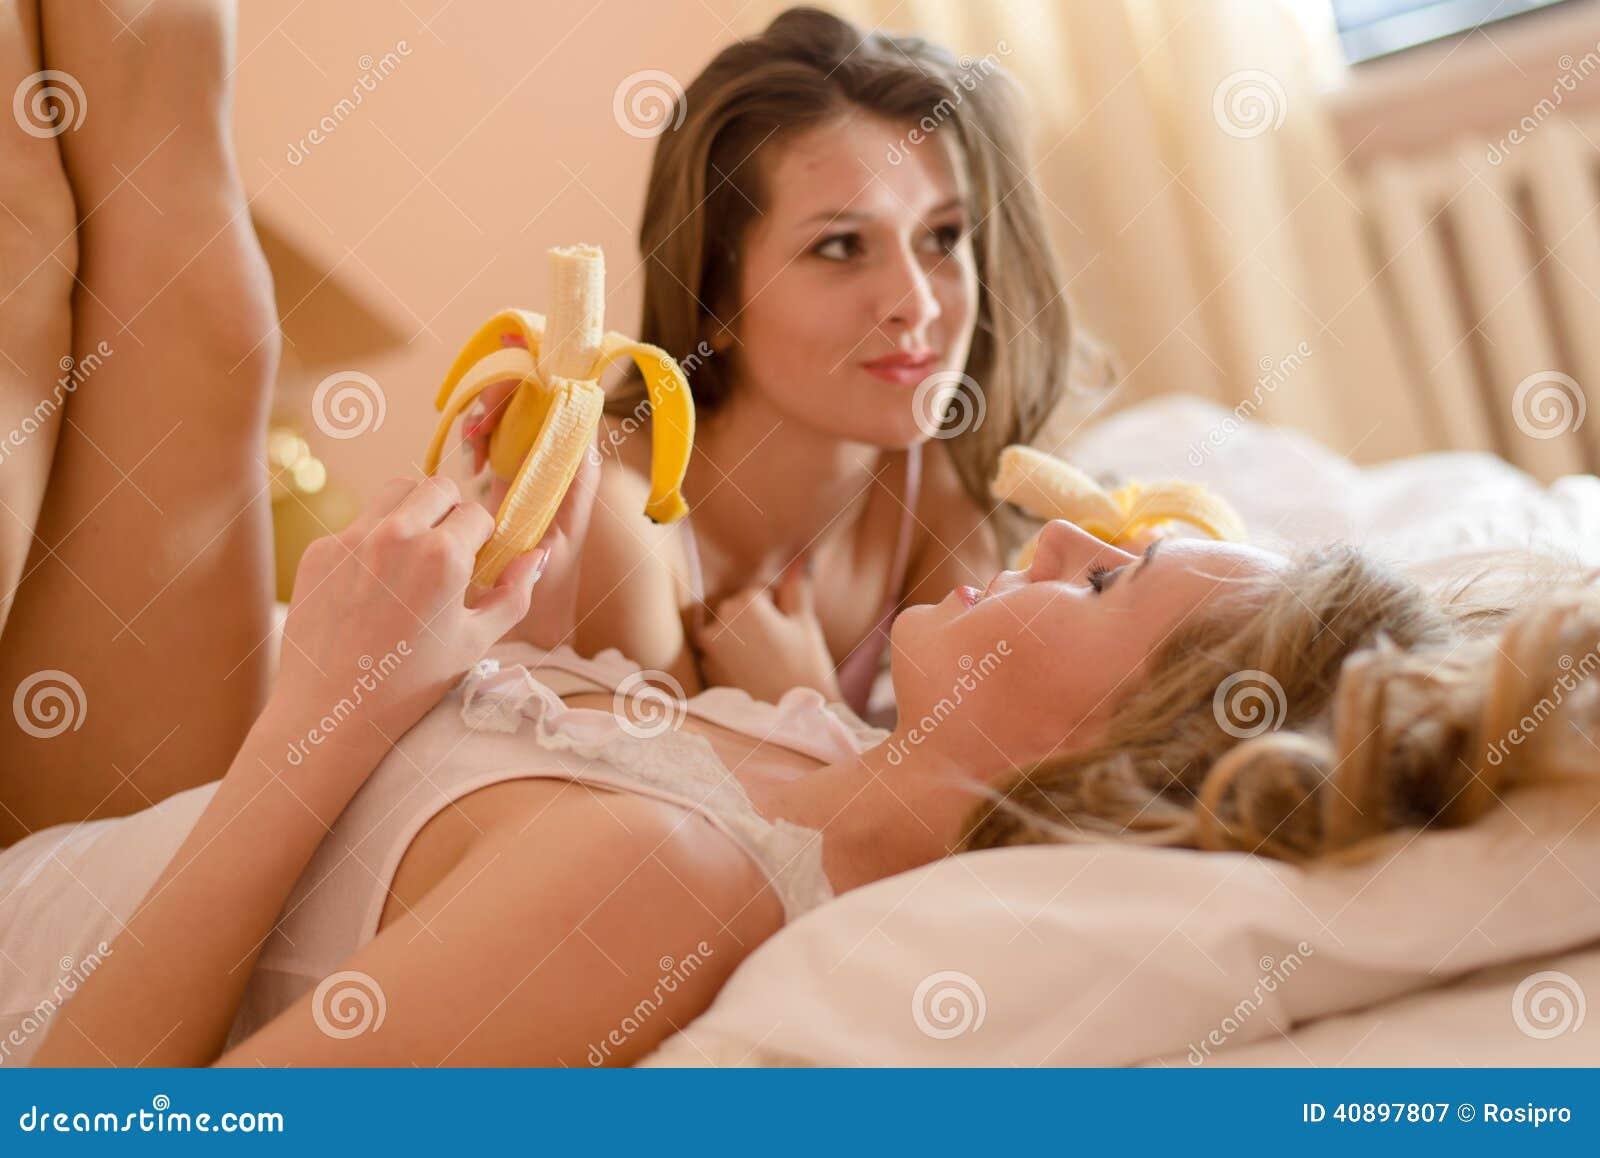 睡衣的2个美丽的少妇性感的女朋友吃香蕉的有乐趣放松的说谎在床图片